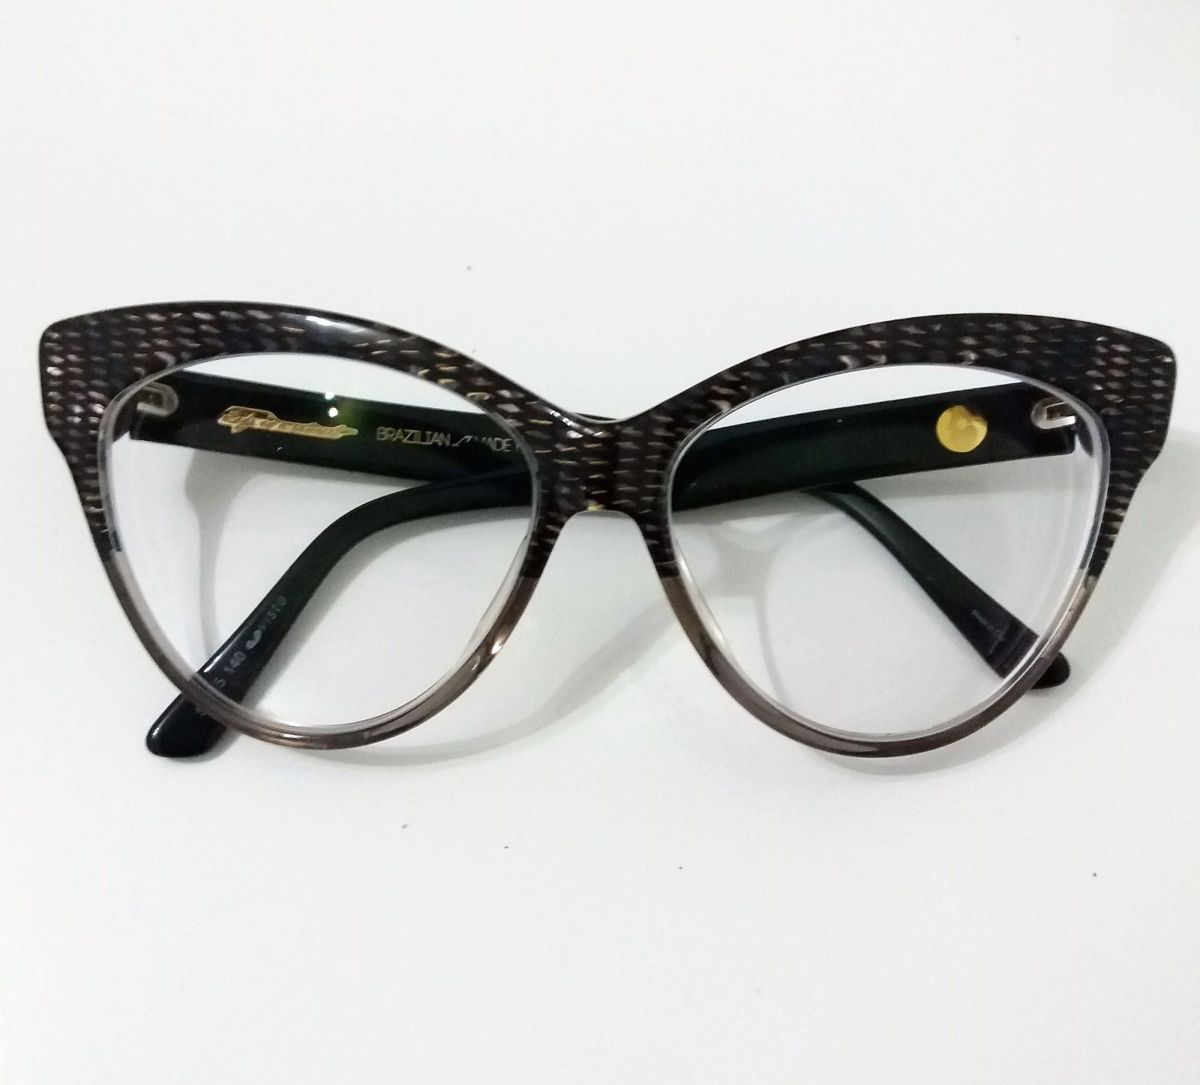 82b27f5b8 Armação Óculos Chilli Beans | Óculos Feminino Chilli Beans Usado ...